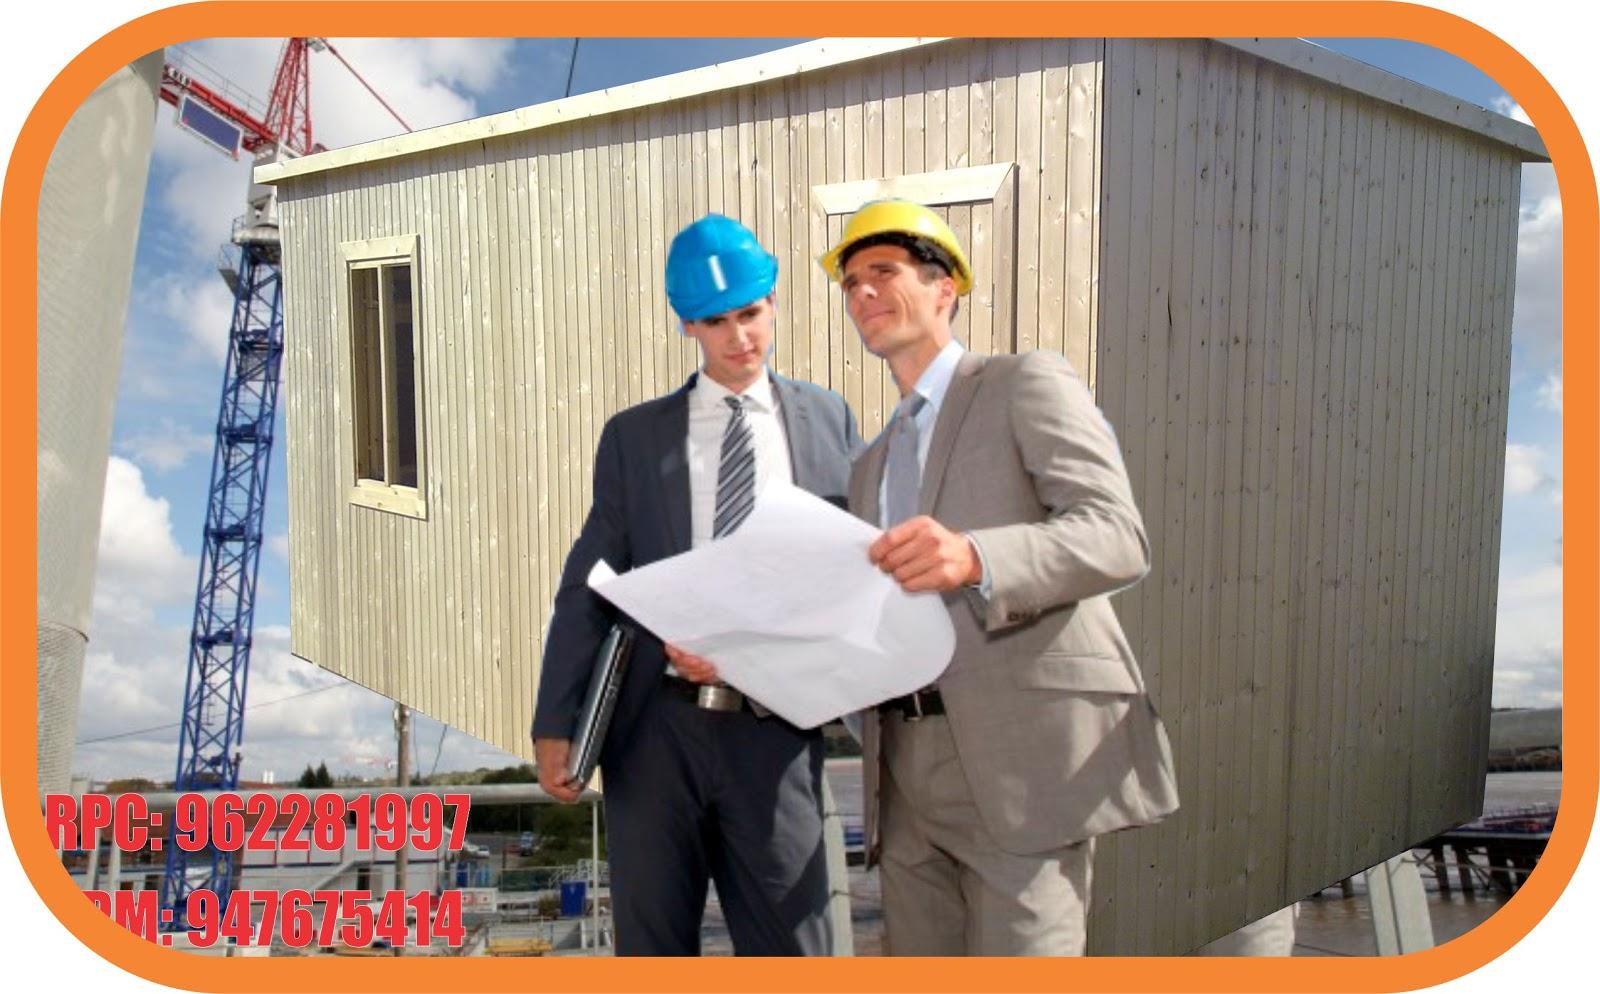 hacemos a medida cuartos de madera modulos casitas de jardin oficinas almacenes para obras civiles casetas de seguridad kioskos stand para ventas casas